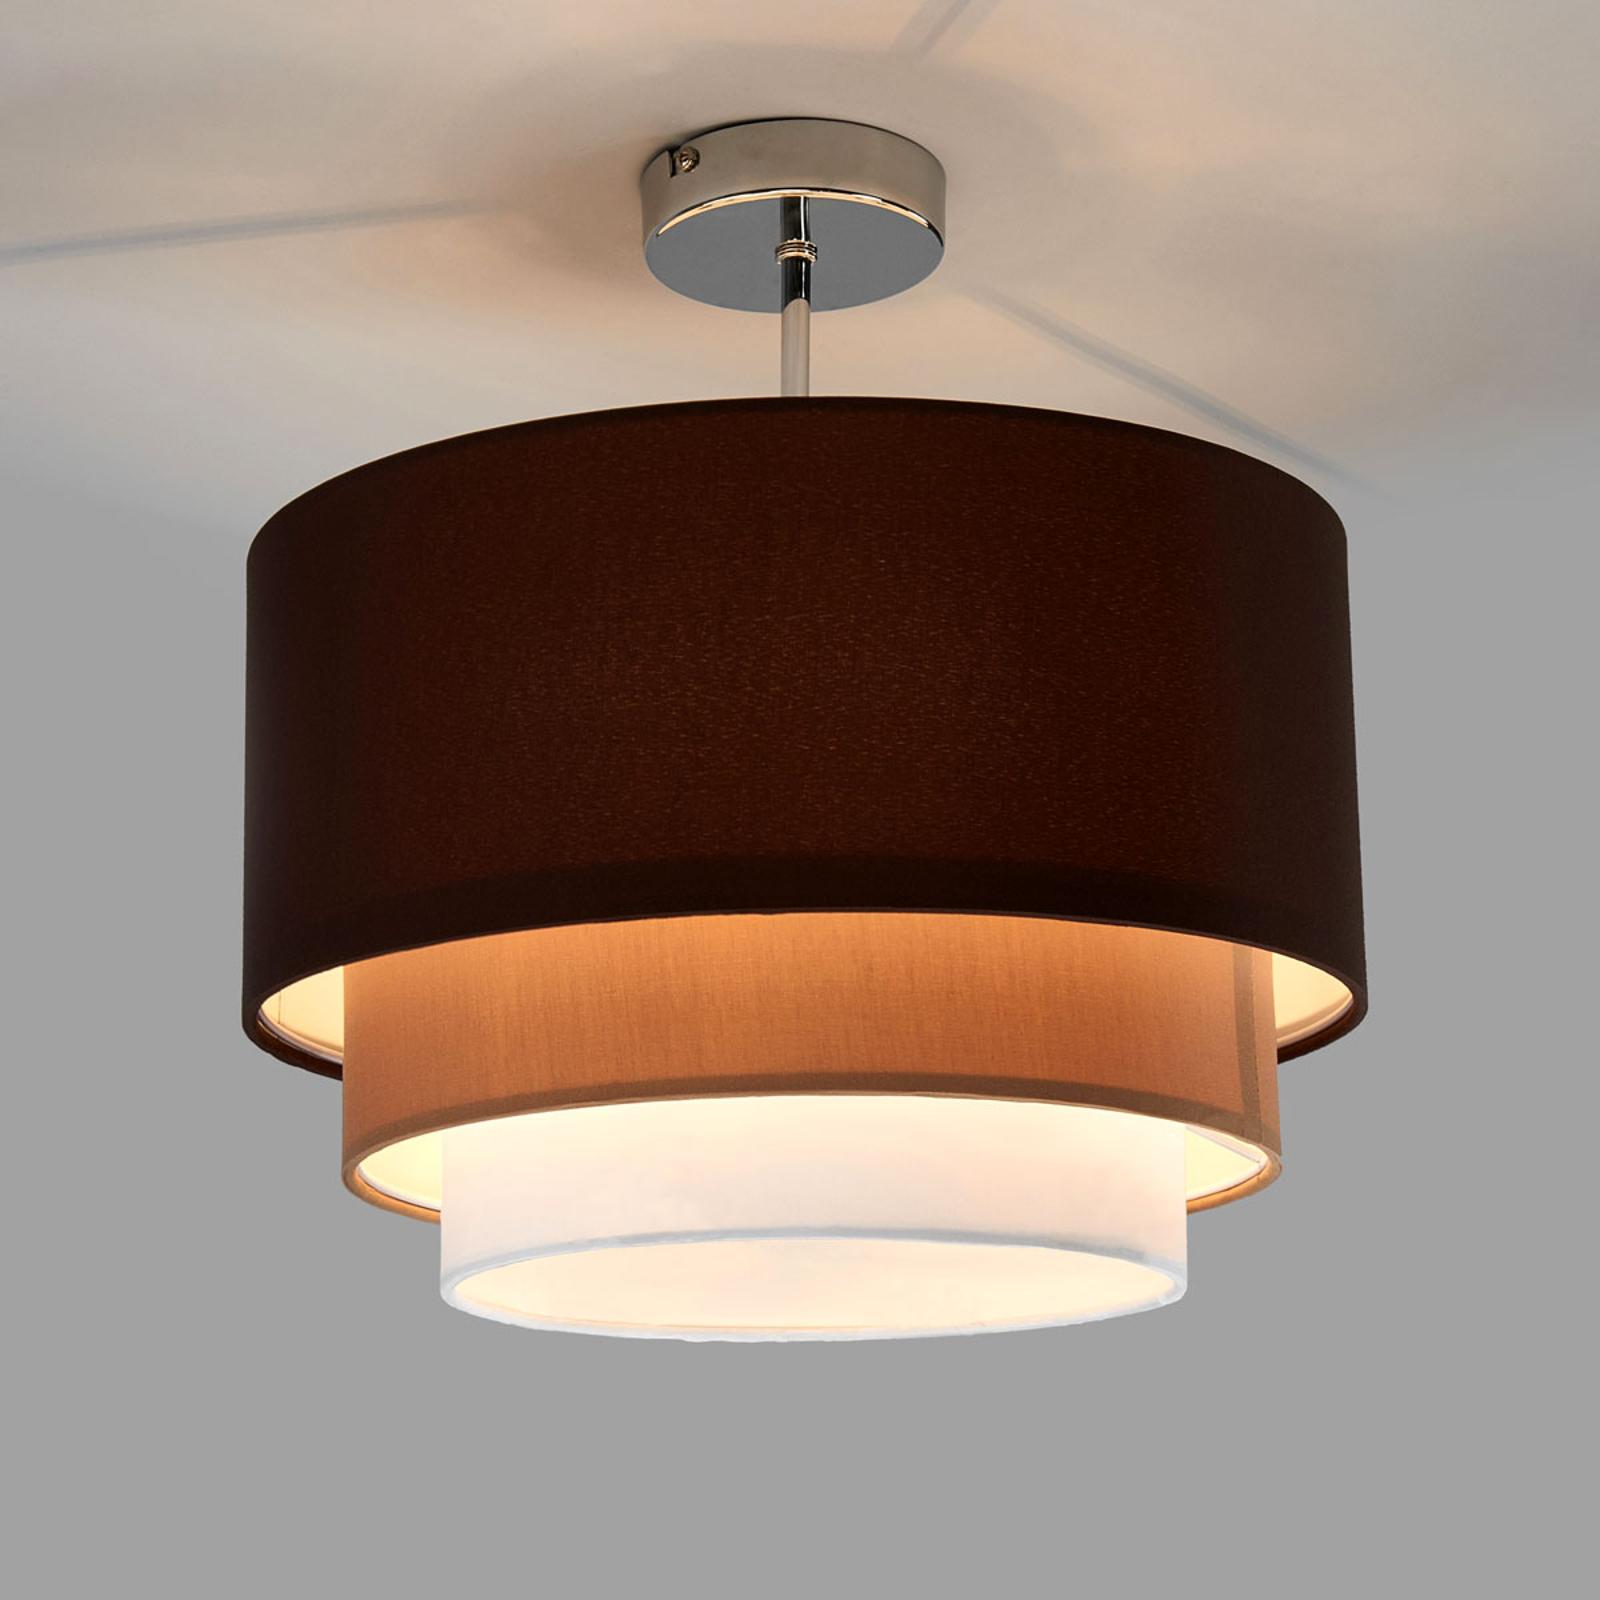 Tkanina w trzech warstwach – lampa sufitowa Jayda